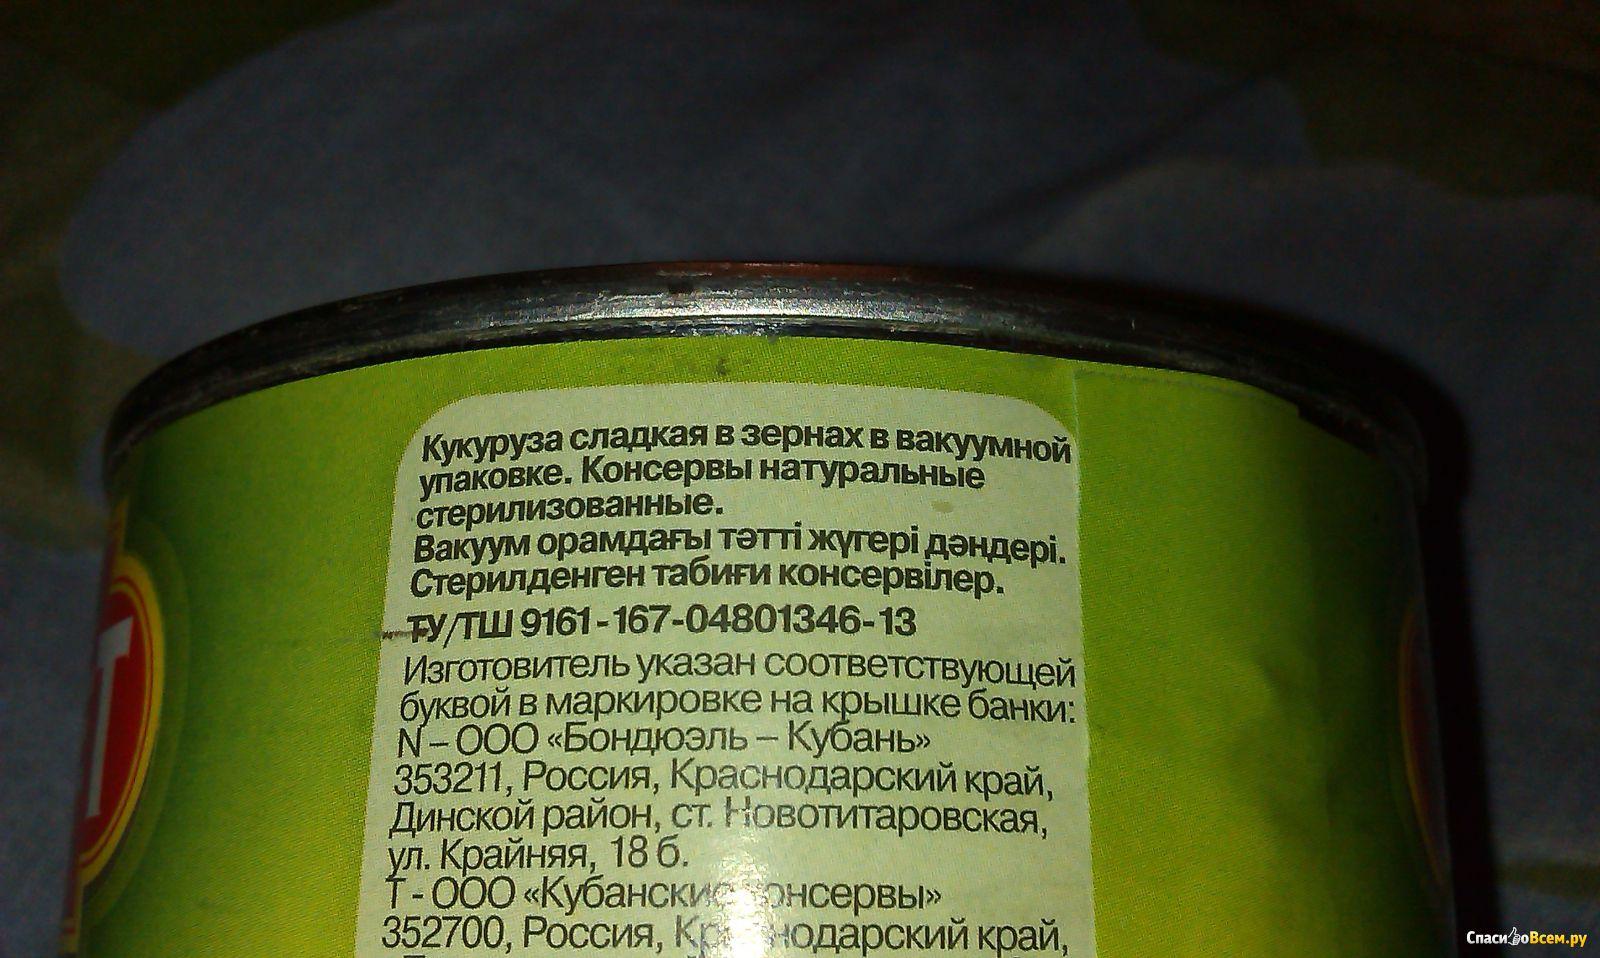 Маринованная кукуруза в домашних условиях - рецепт 19